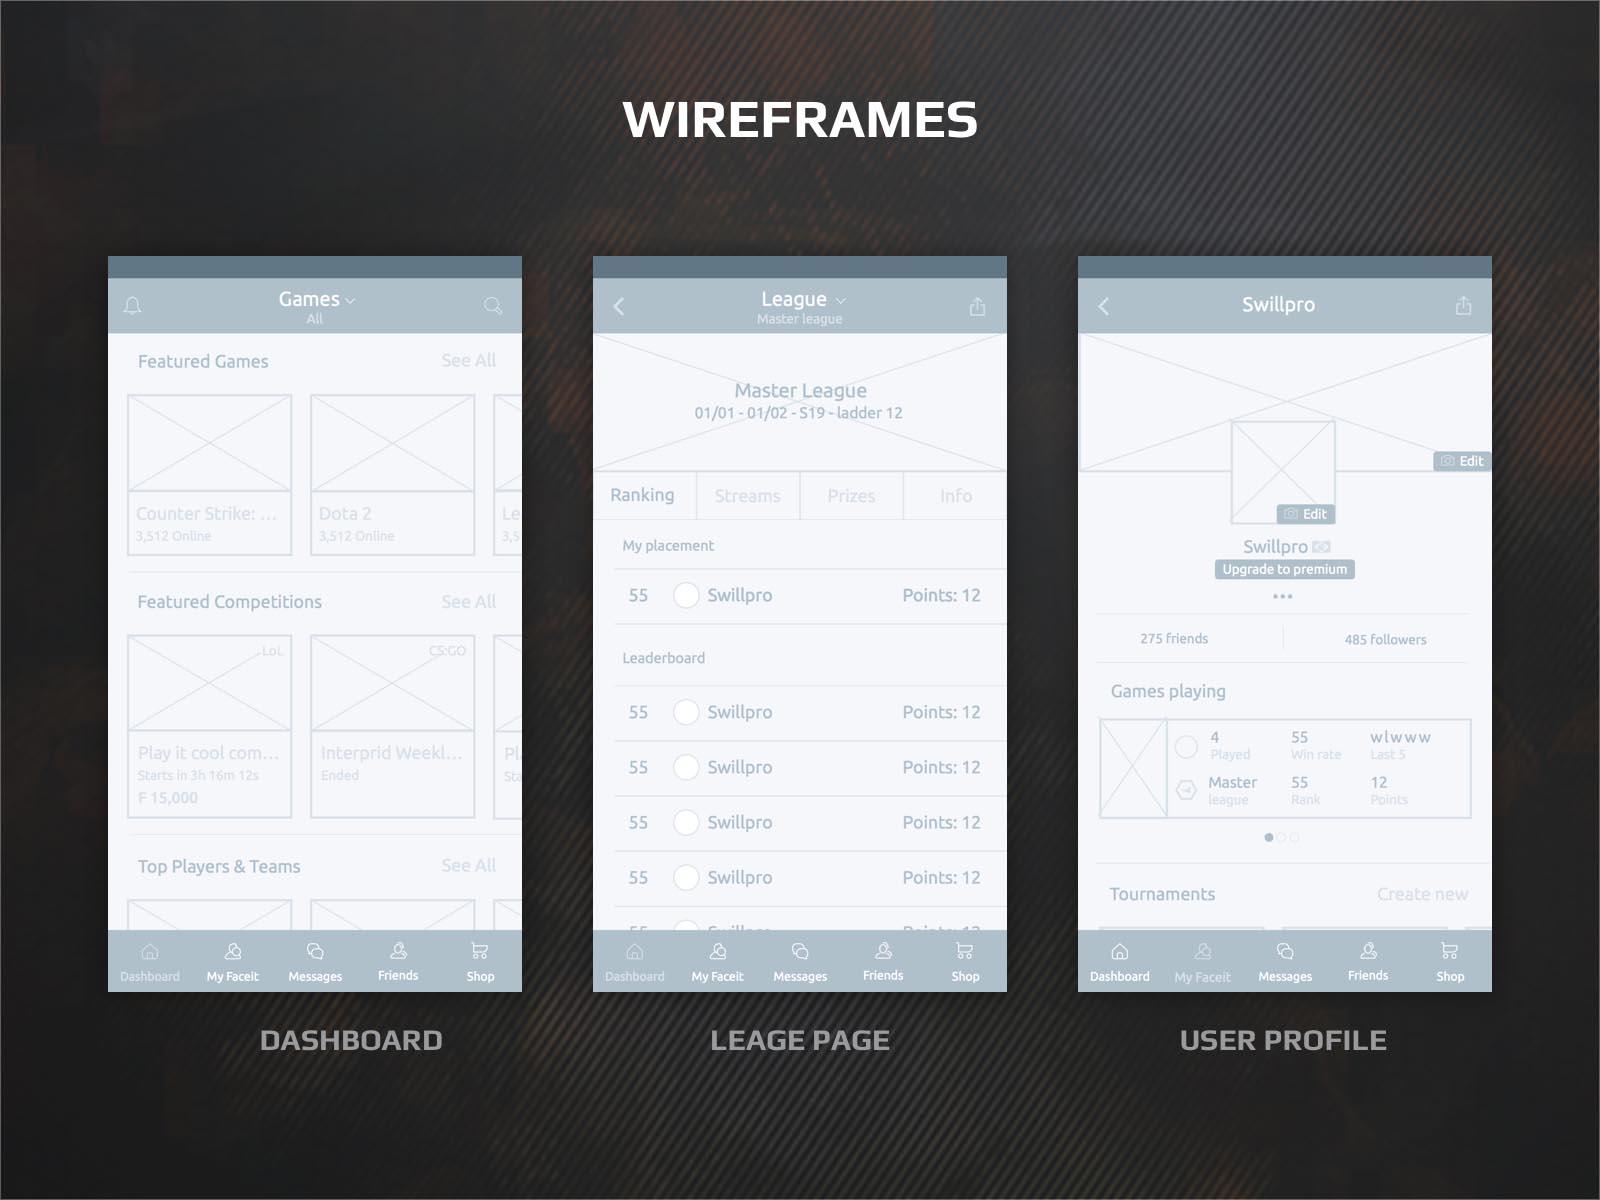 faceit app wireframes layout design